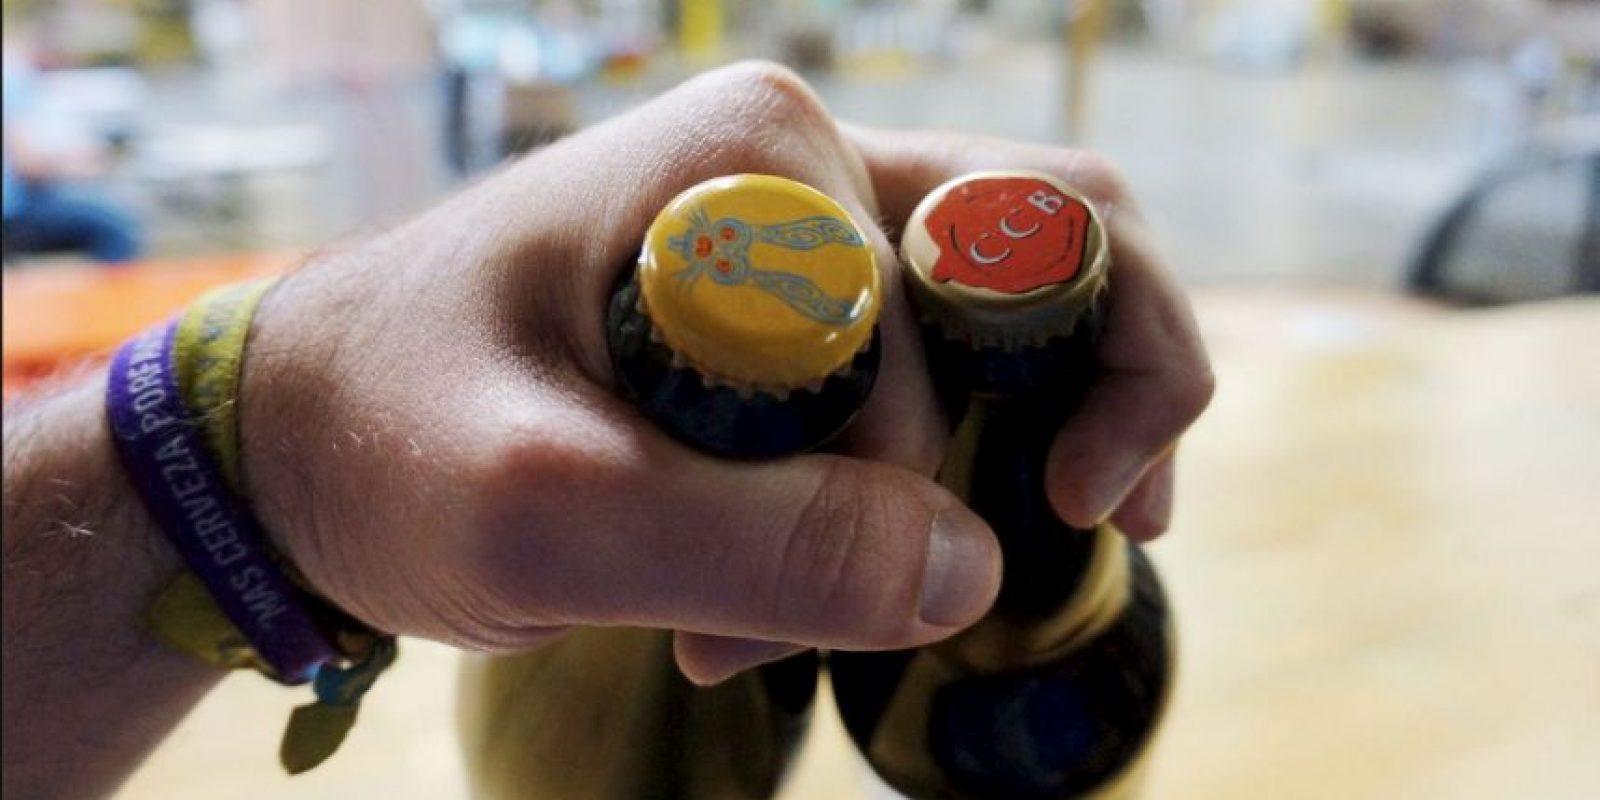 """La cervecera """"5 Rabbit"""", fundada por latinoamericanos, ha decidido no laborar más para Trump. Foto:Vía facebook.com/5rabbit"""